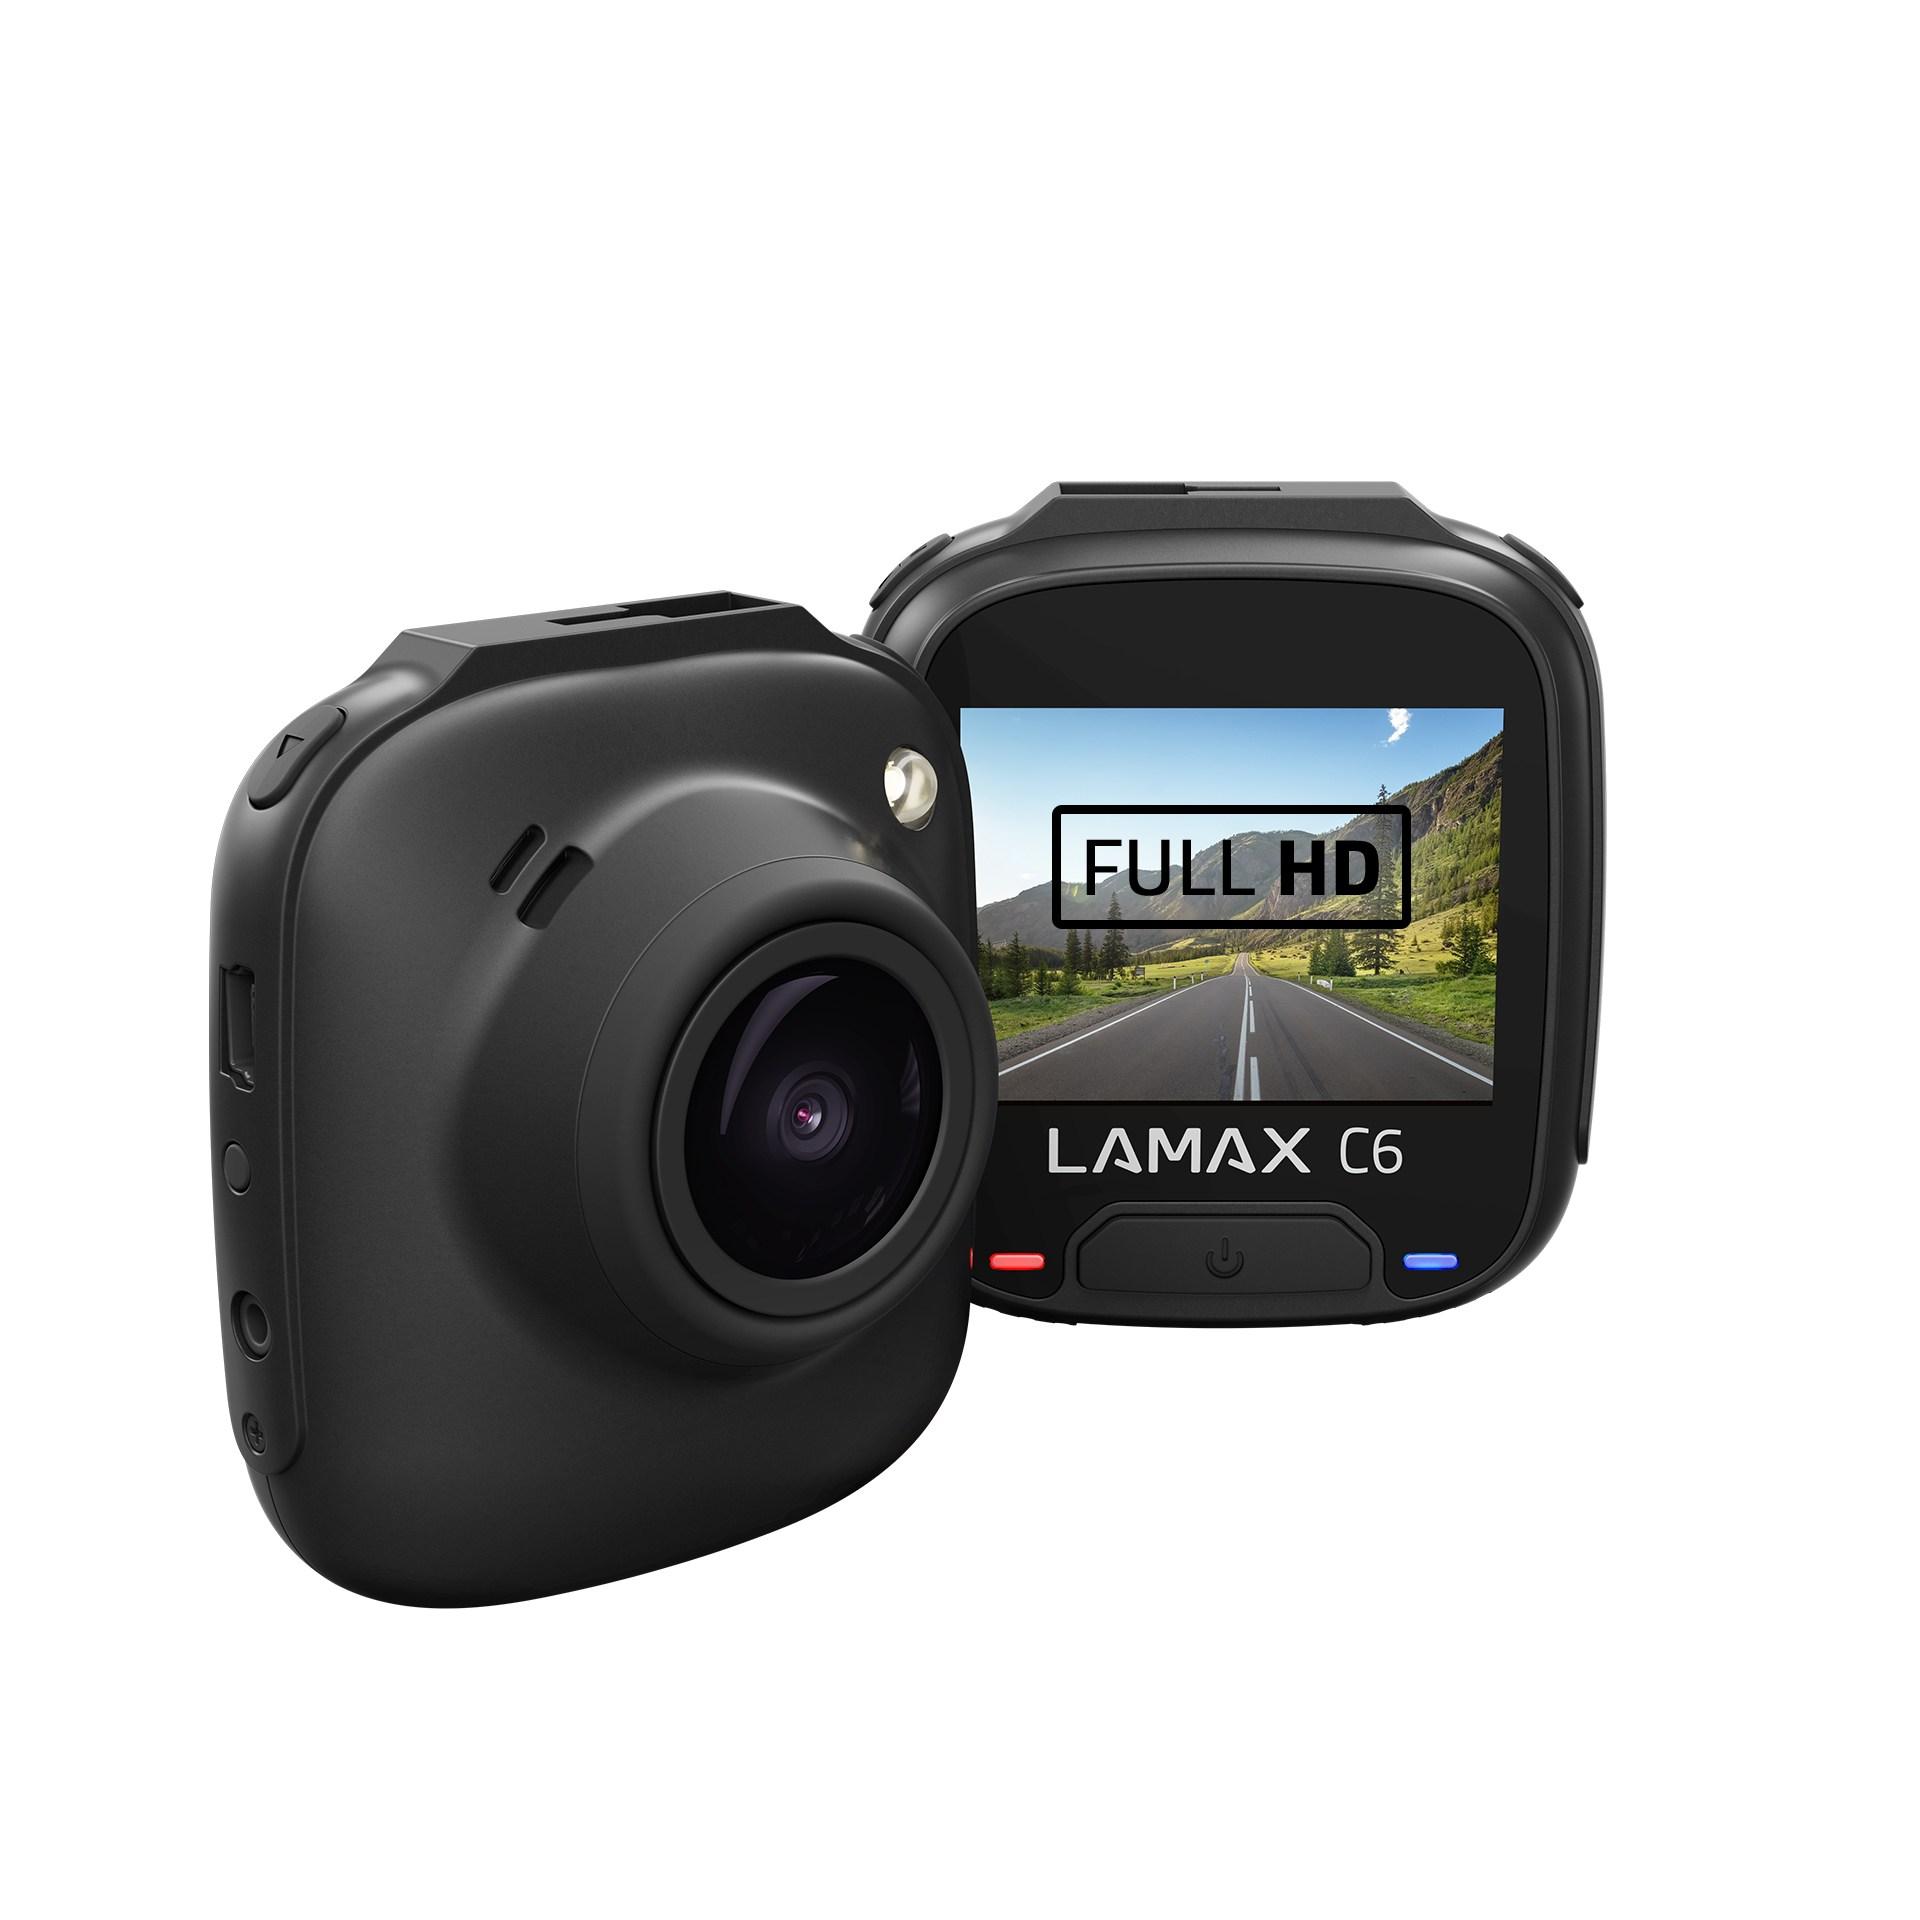 LAMAX C6 kamery do auta